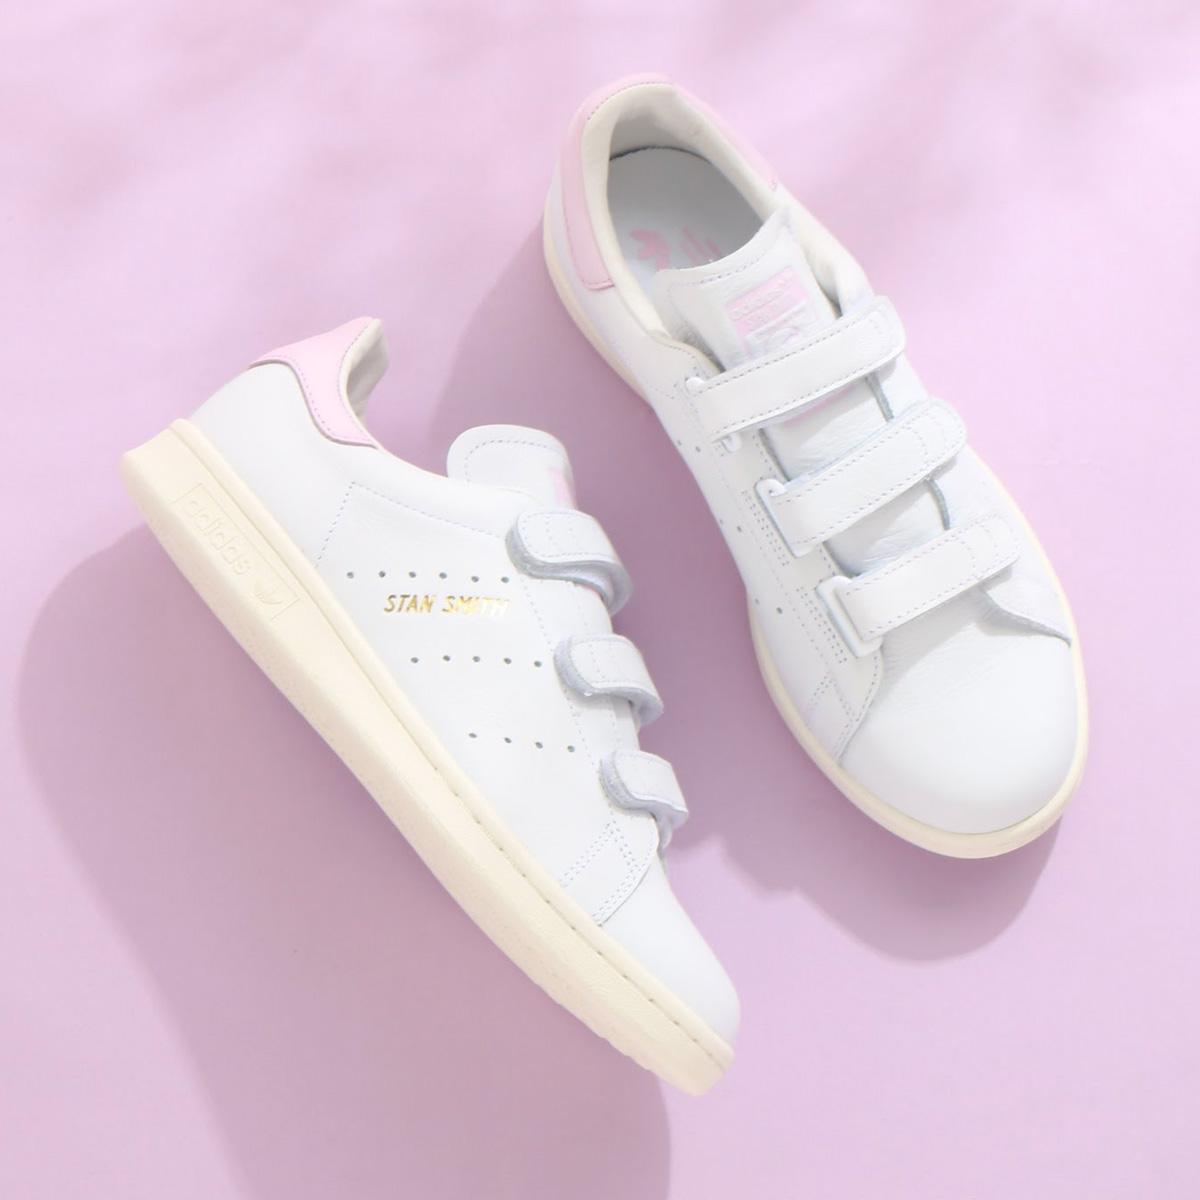 adidas Originals STAN SMITH CF(アディダス オリジナルス スタンスミス CF)Running White/Running White/Aero Pink18SS-I